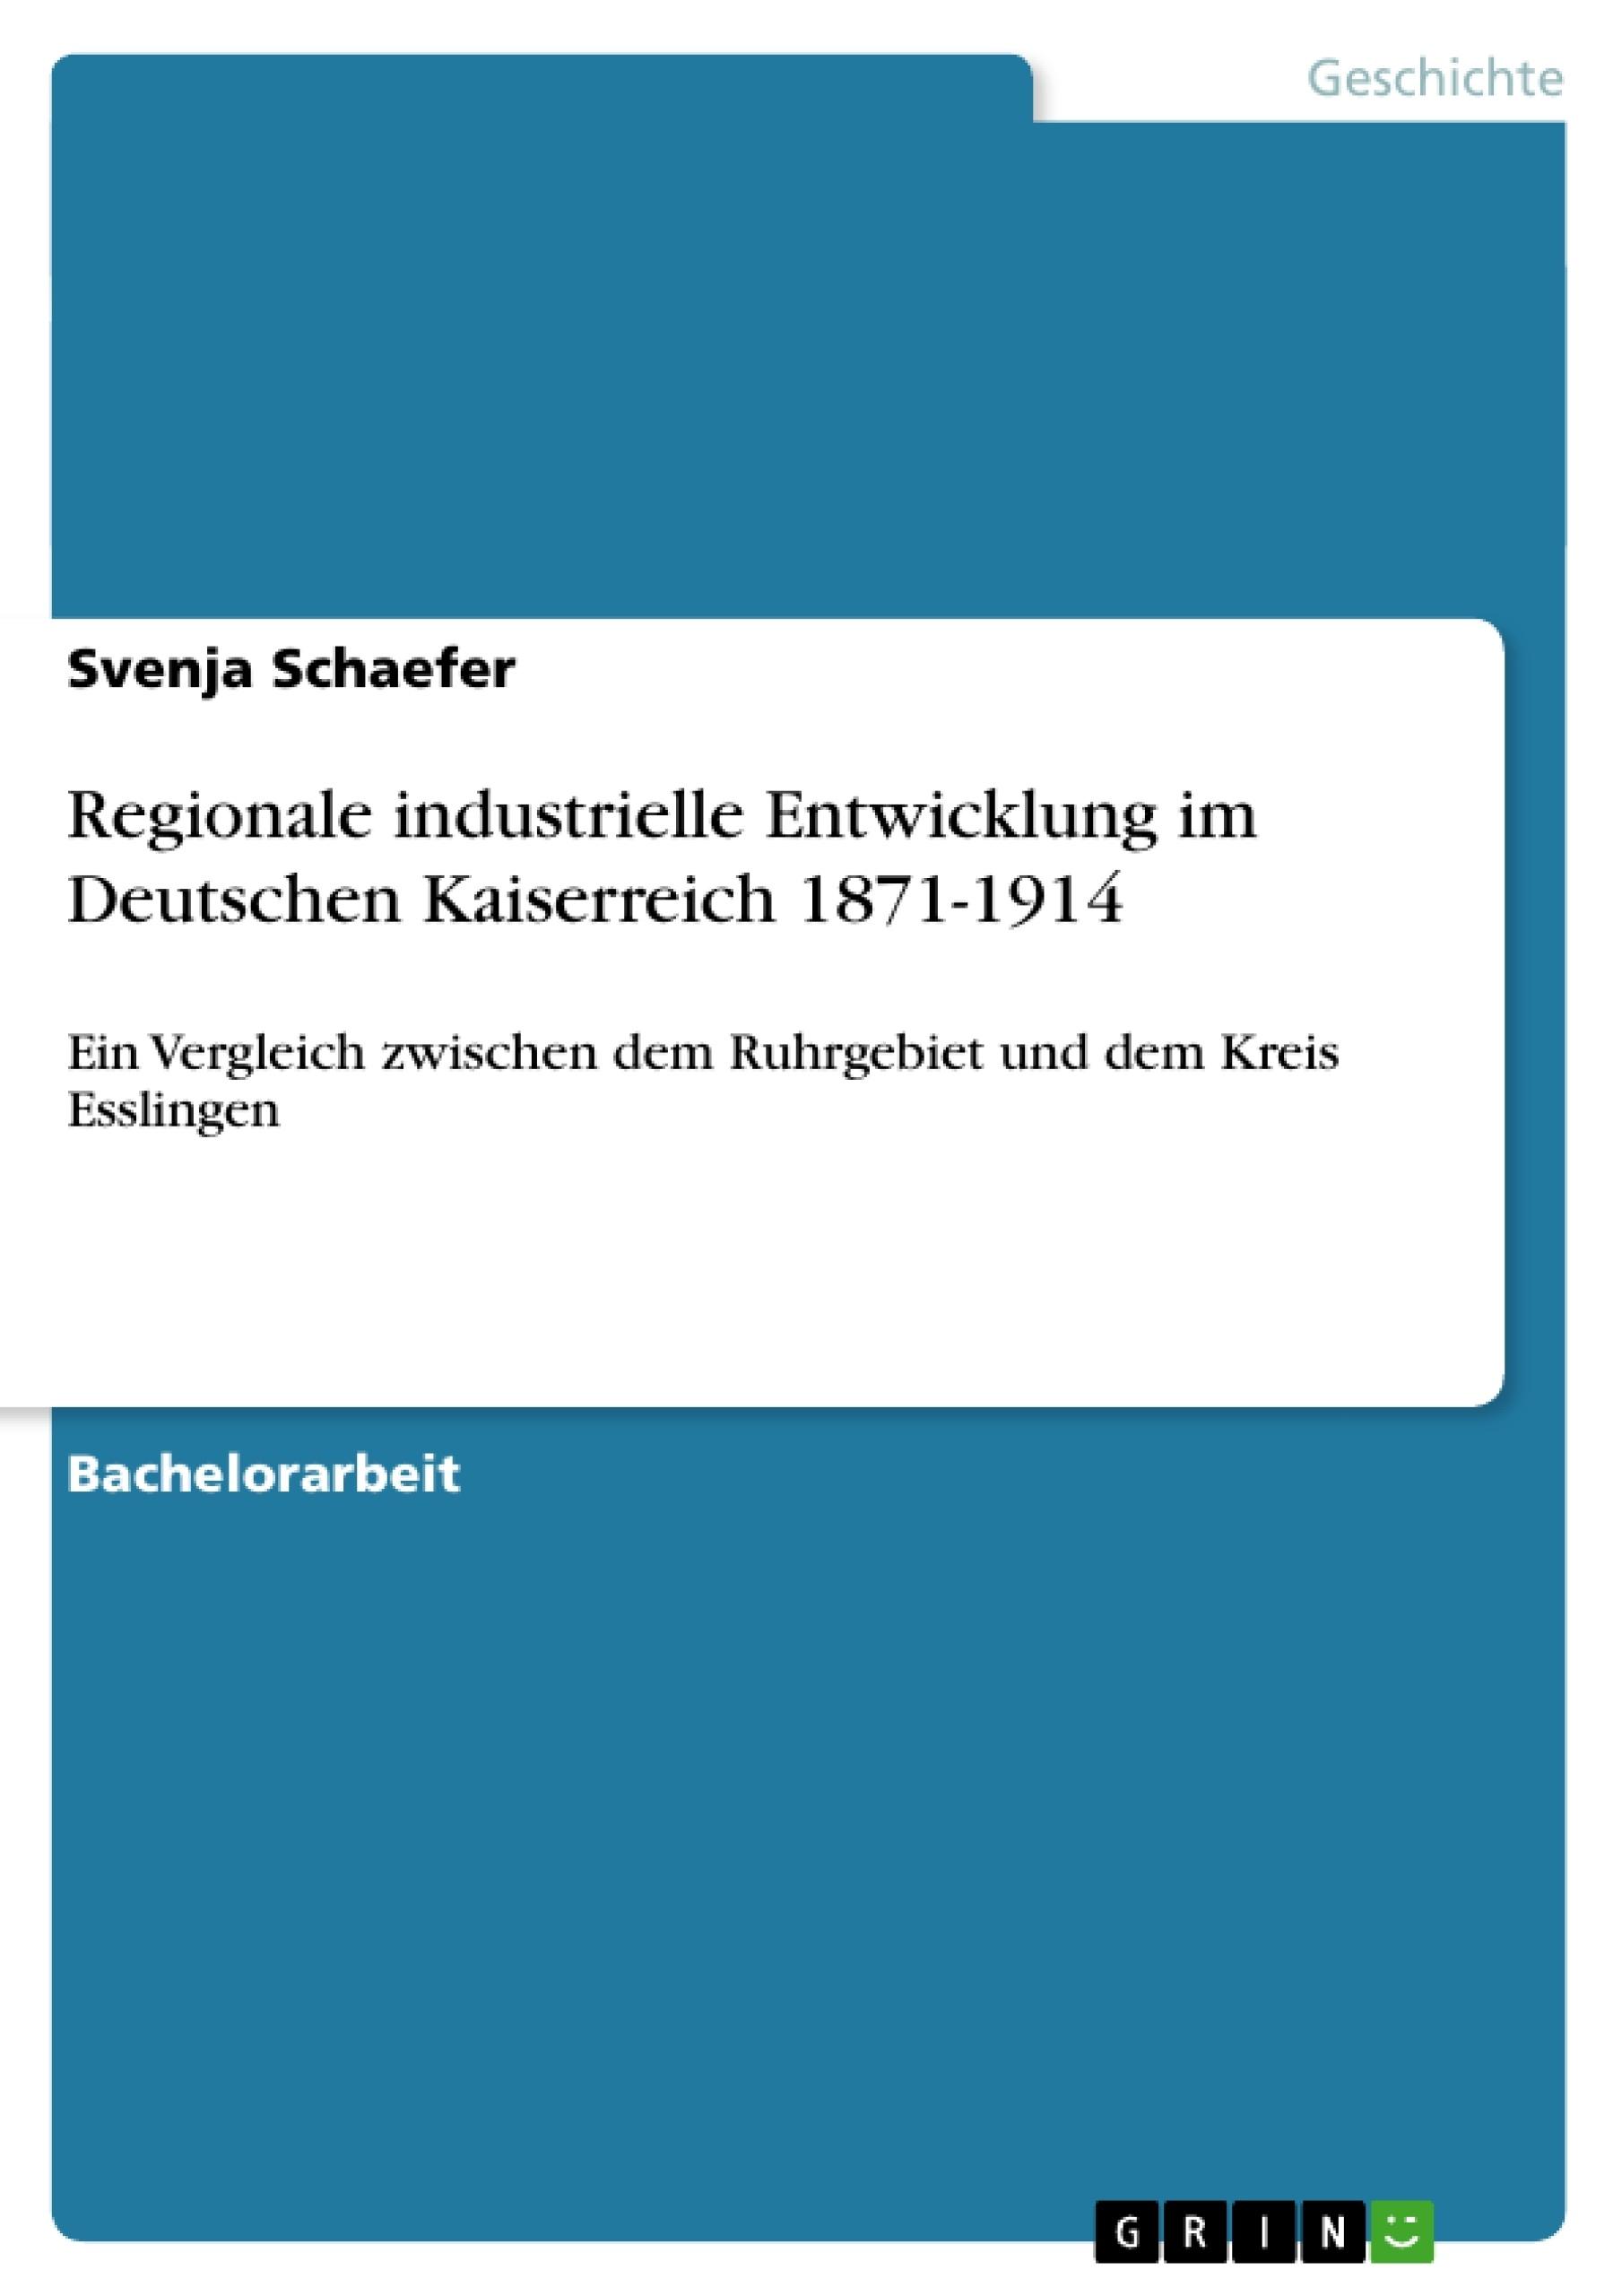 Titel: Regionale industrielle Entwicklung im Deutschen Kaiserreich 1871-1914